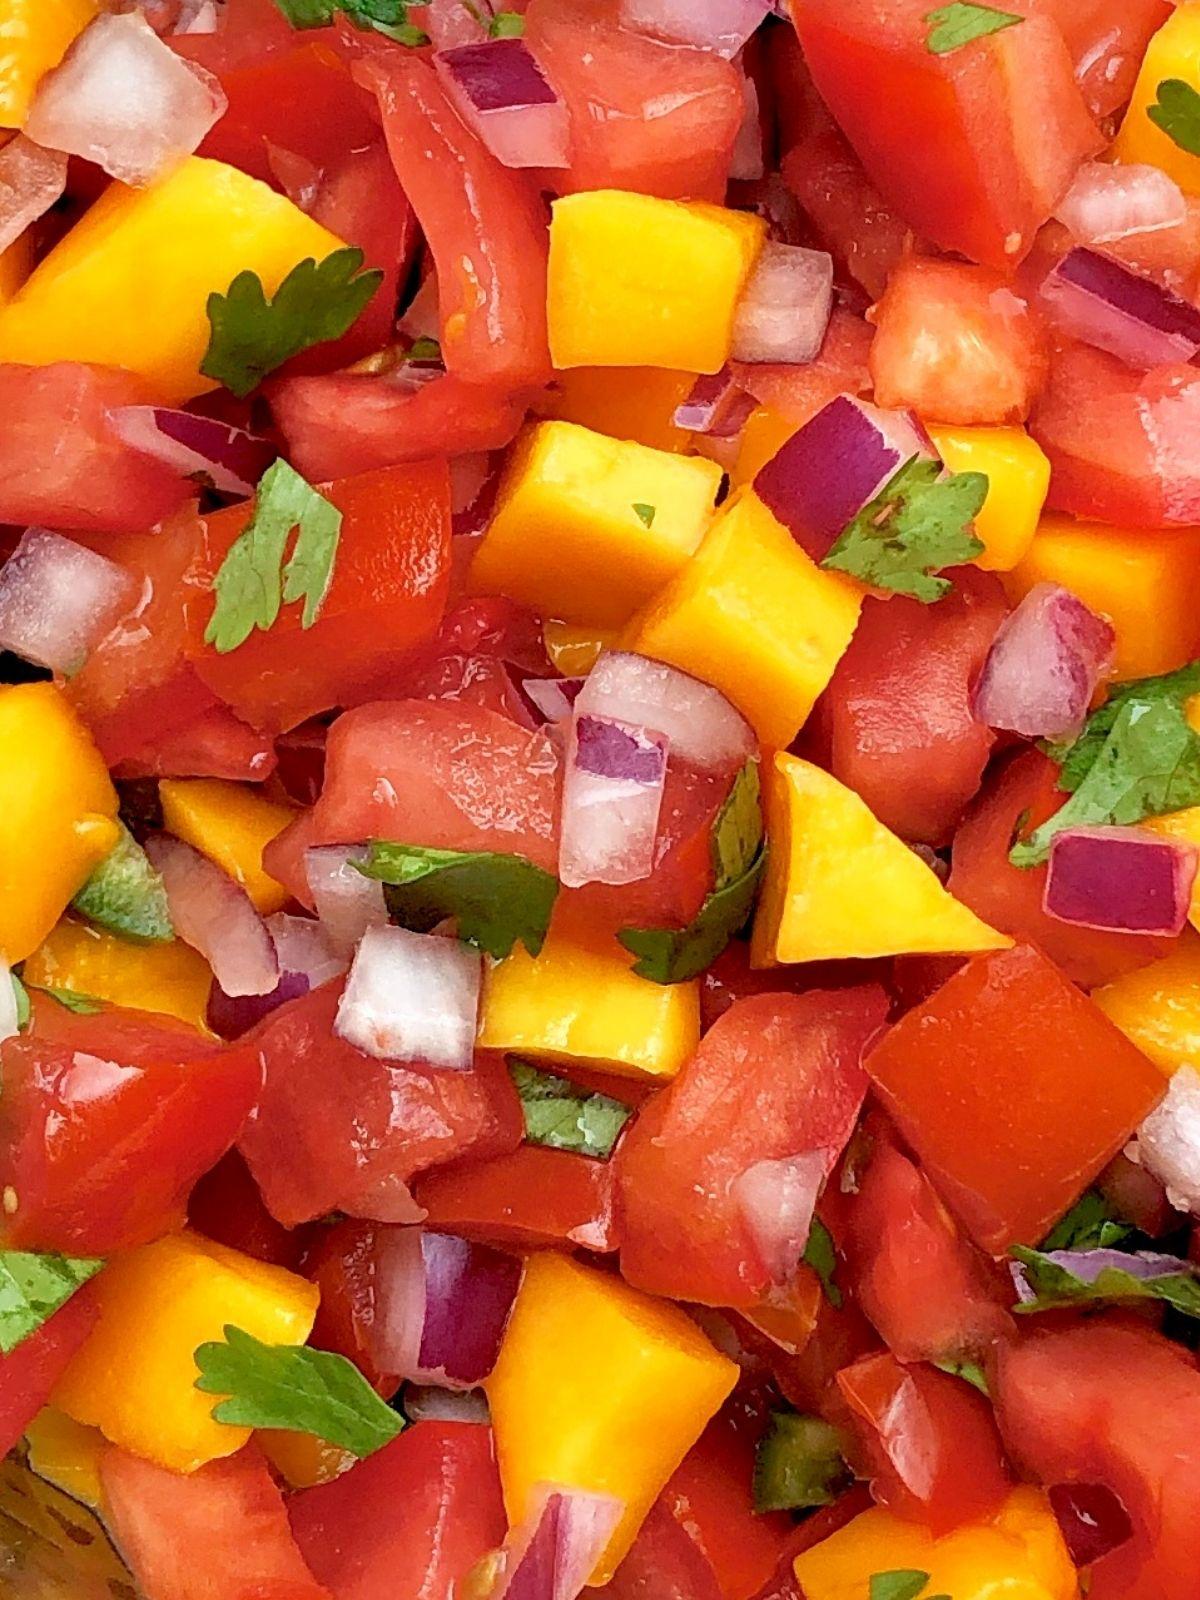 close-up of mango pico de gallo made with fresh tomato, red onion, and cilantro